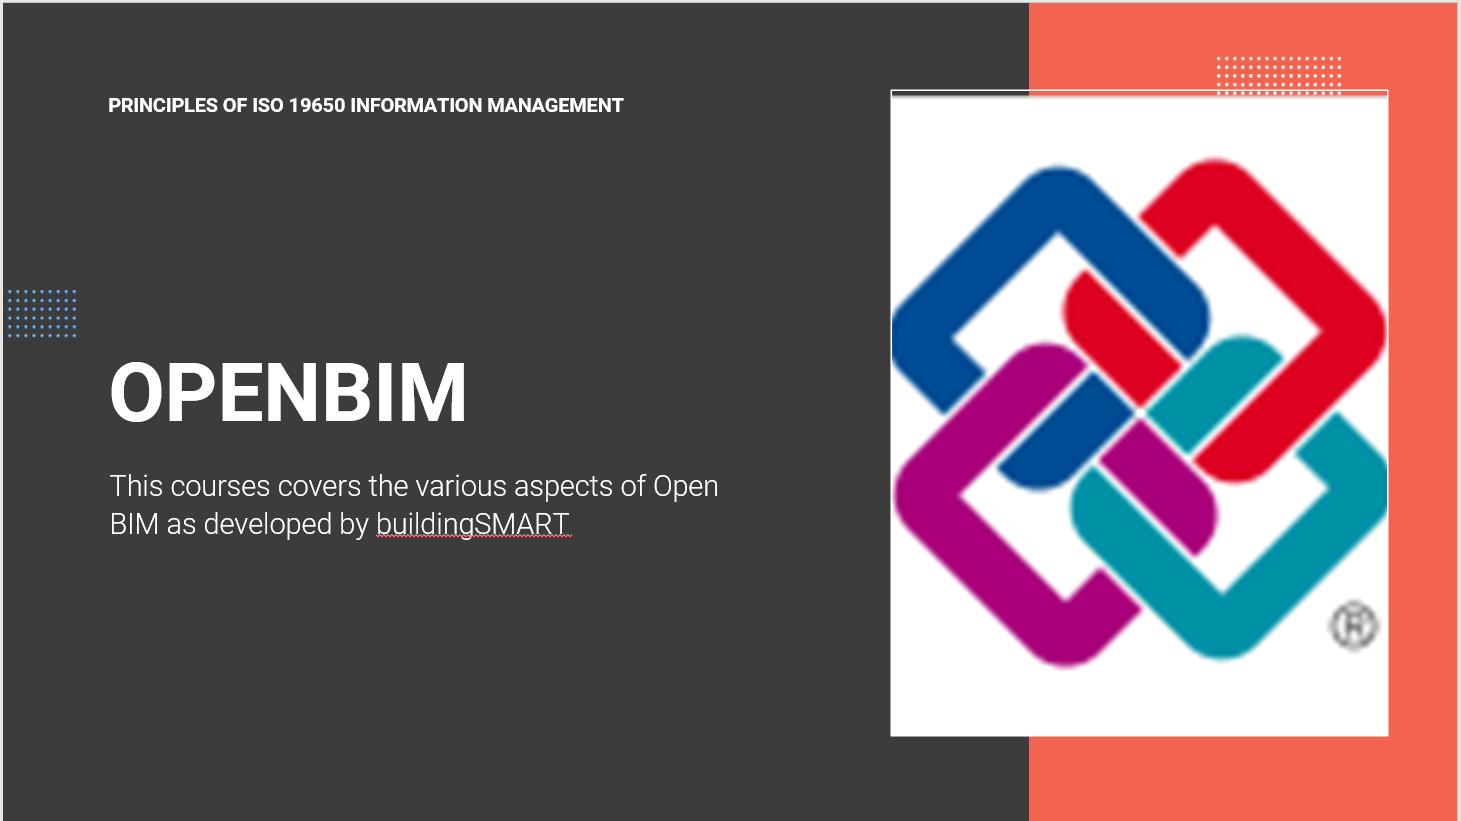 OpenBIM